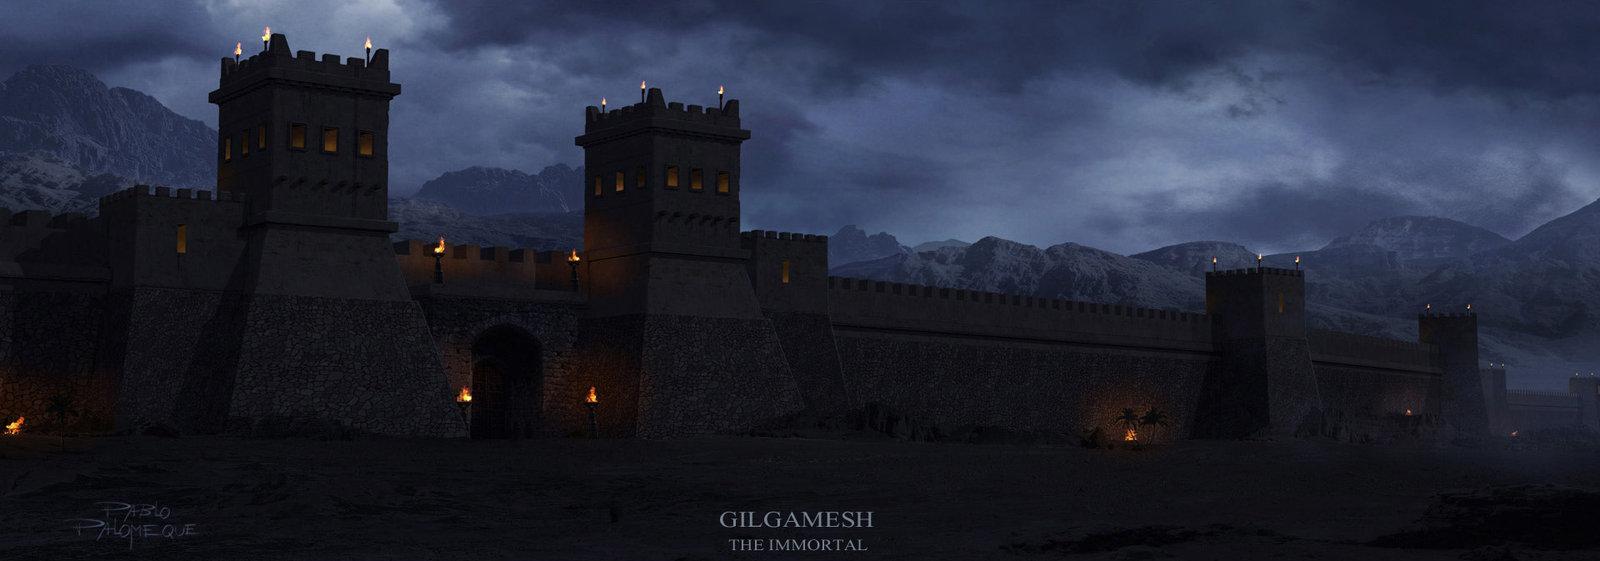 Gilgamesh_5